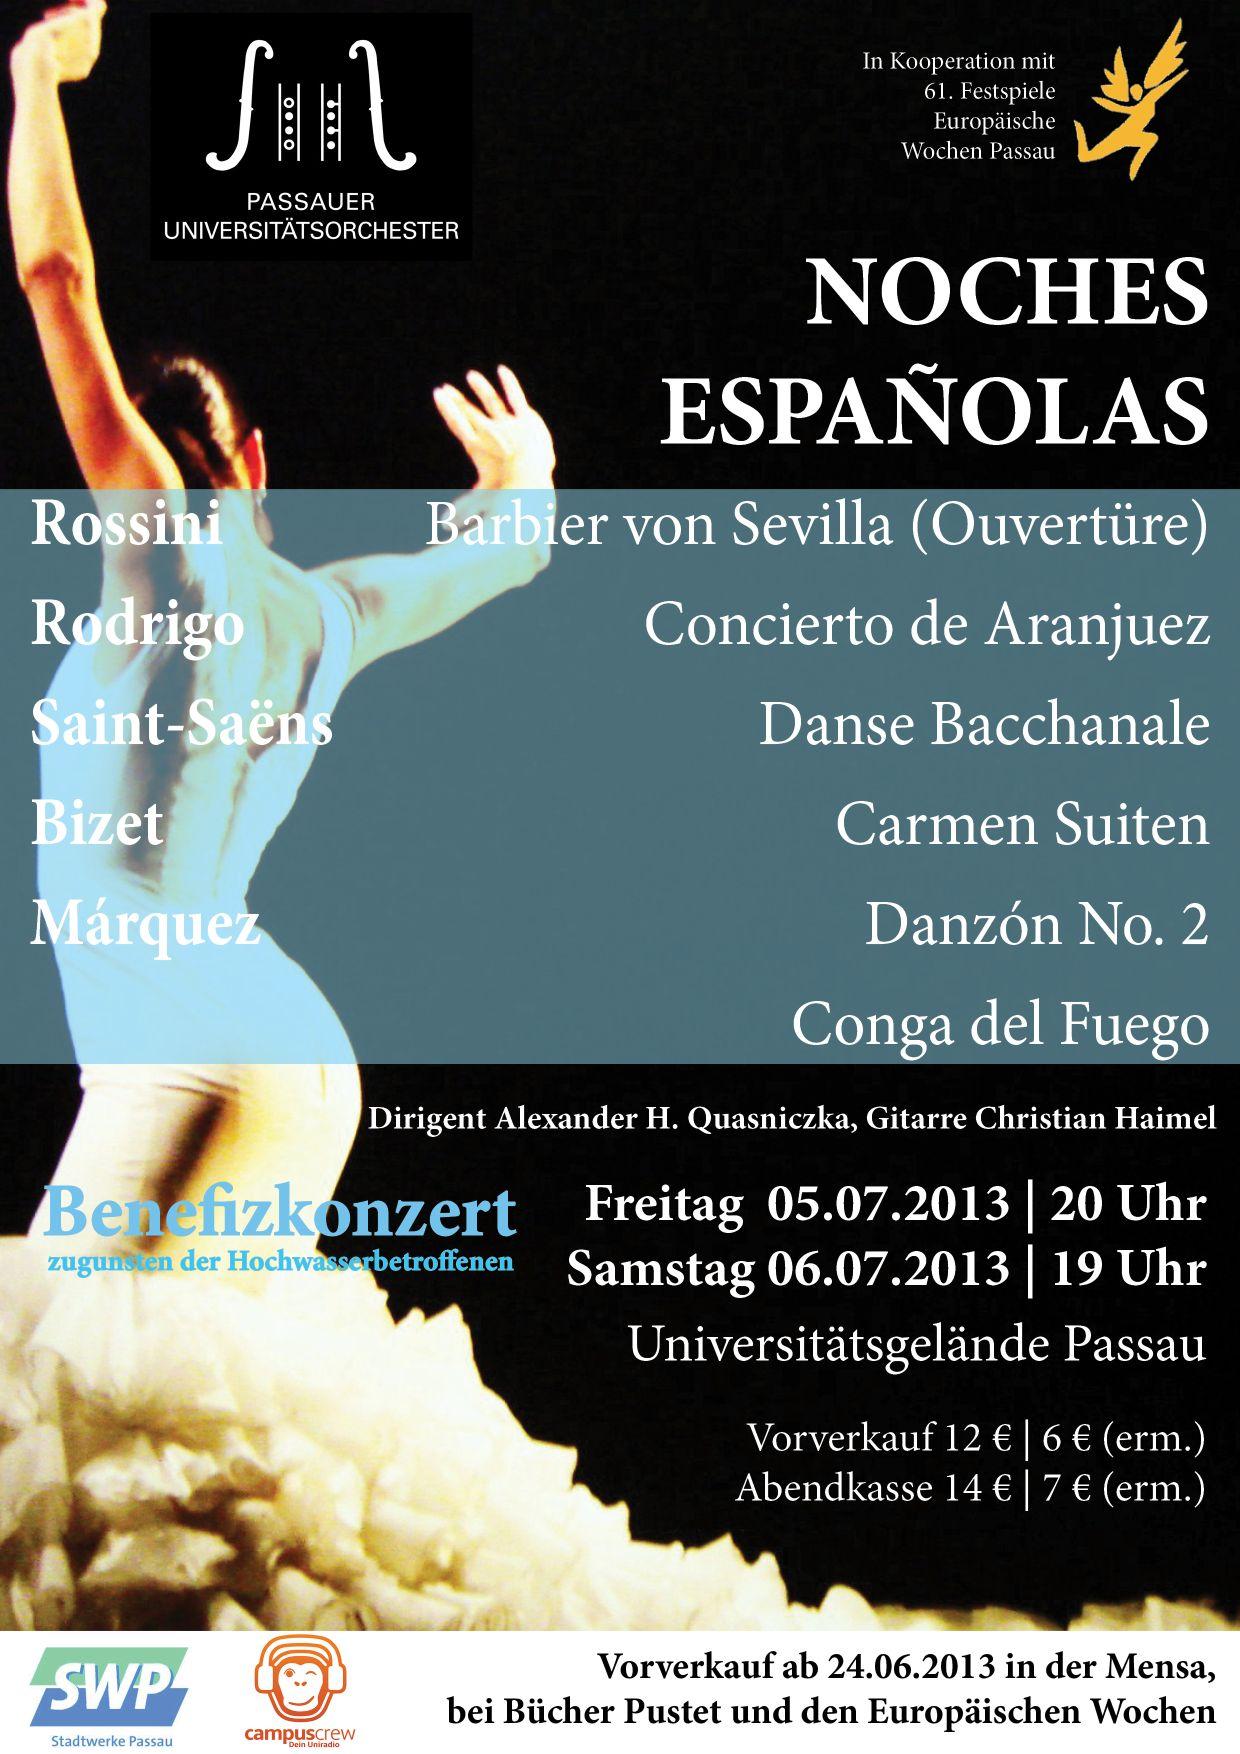 Benefizkonzert des Passauer Universitätsorchesters